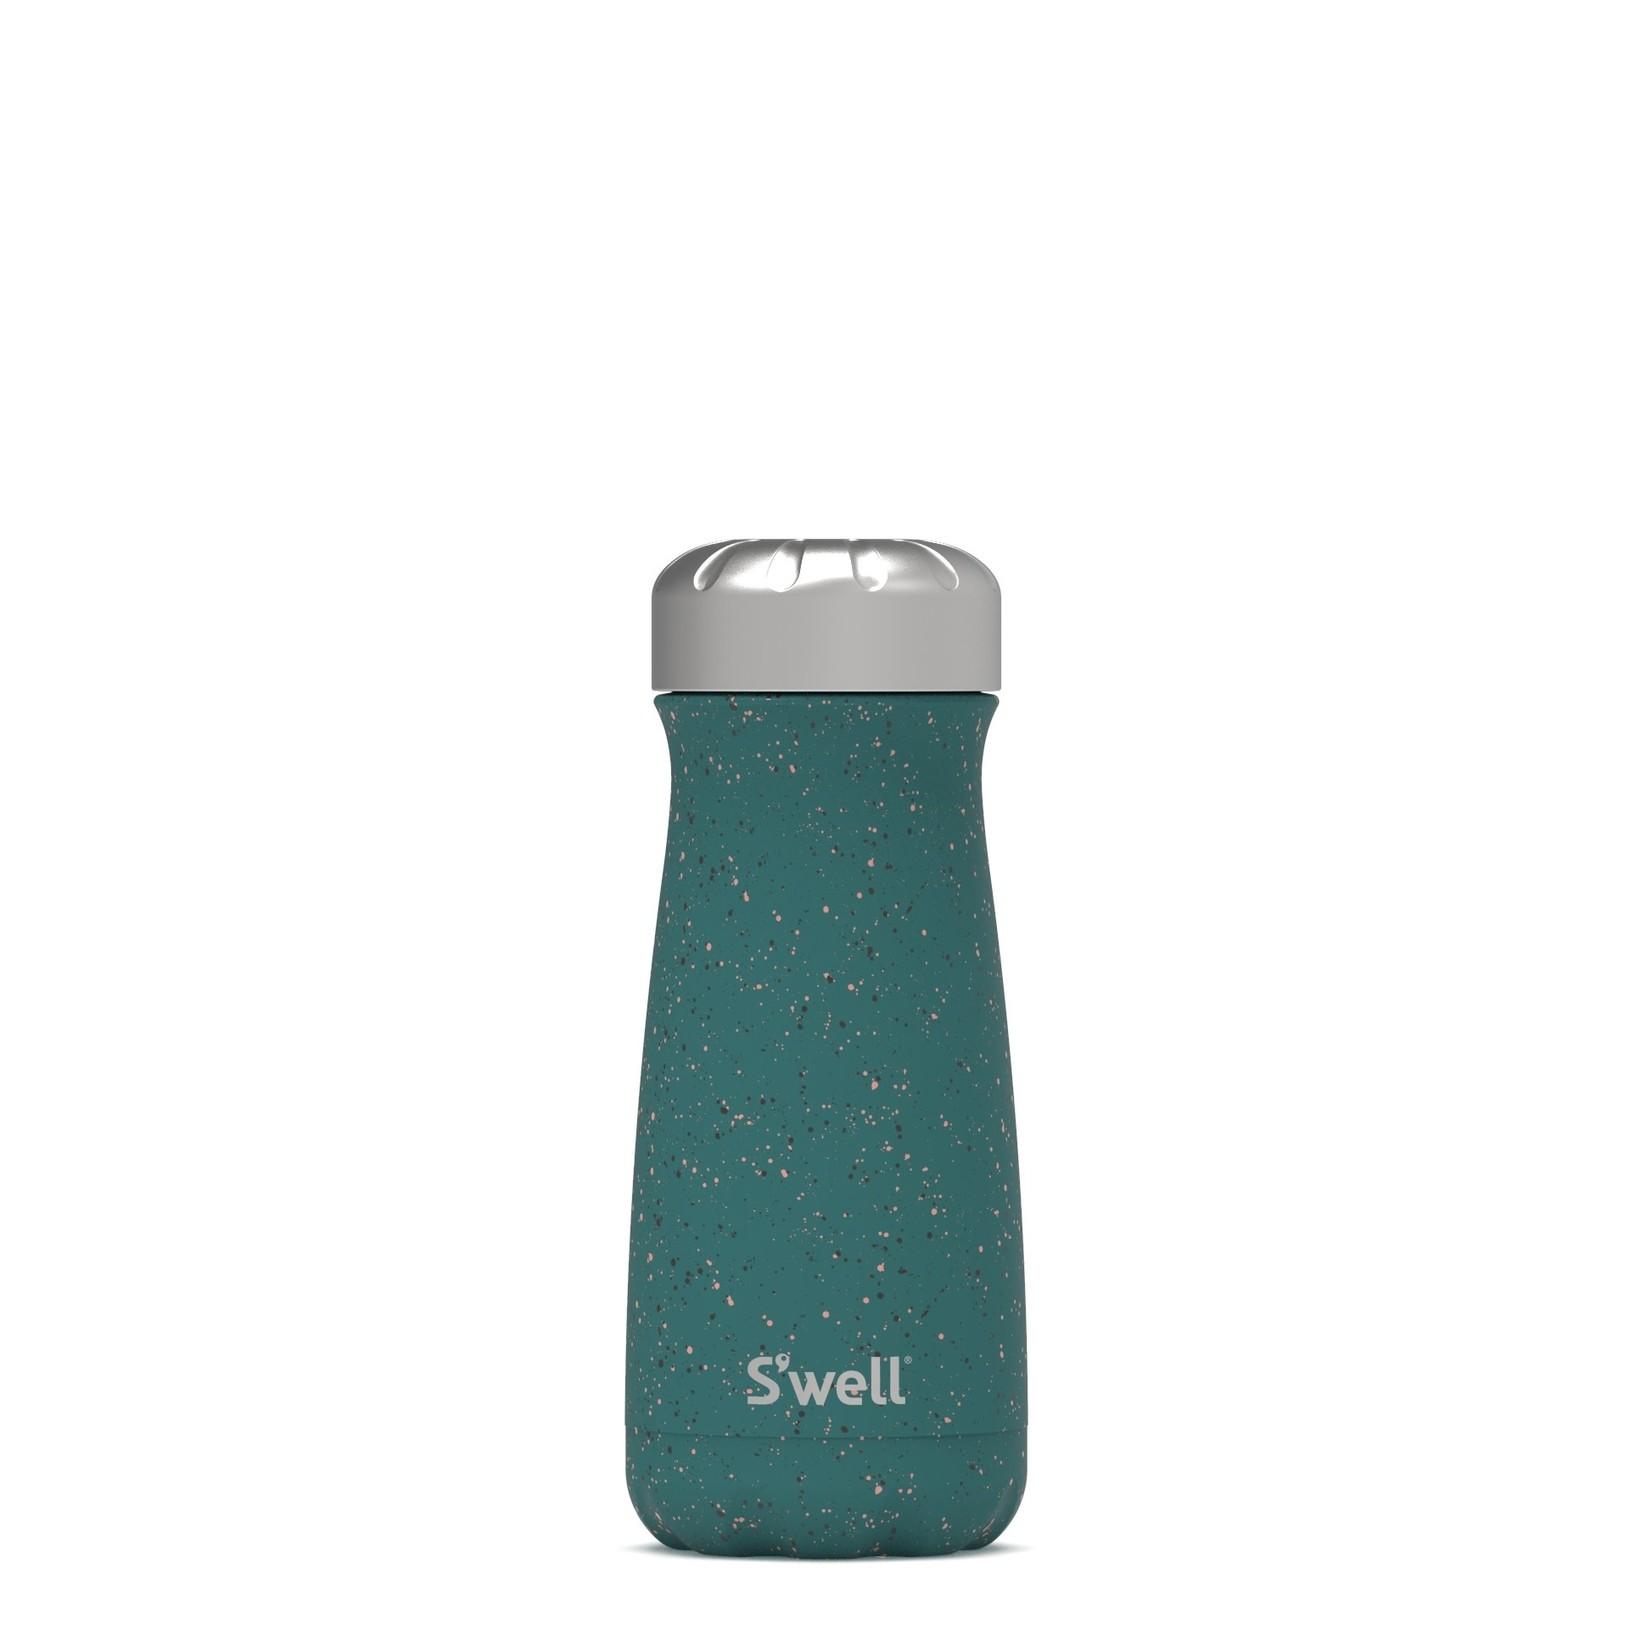 S'well S'well Bottle Traveler 16oz Speckled Earth